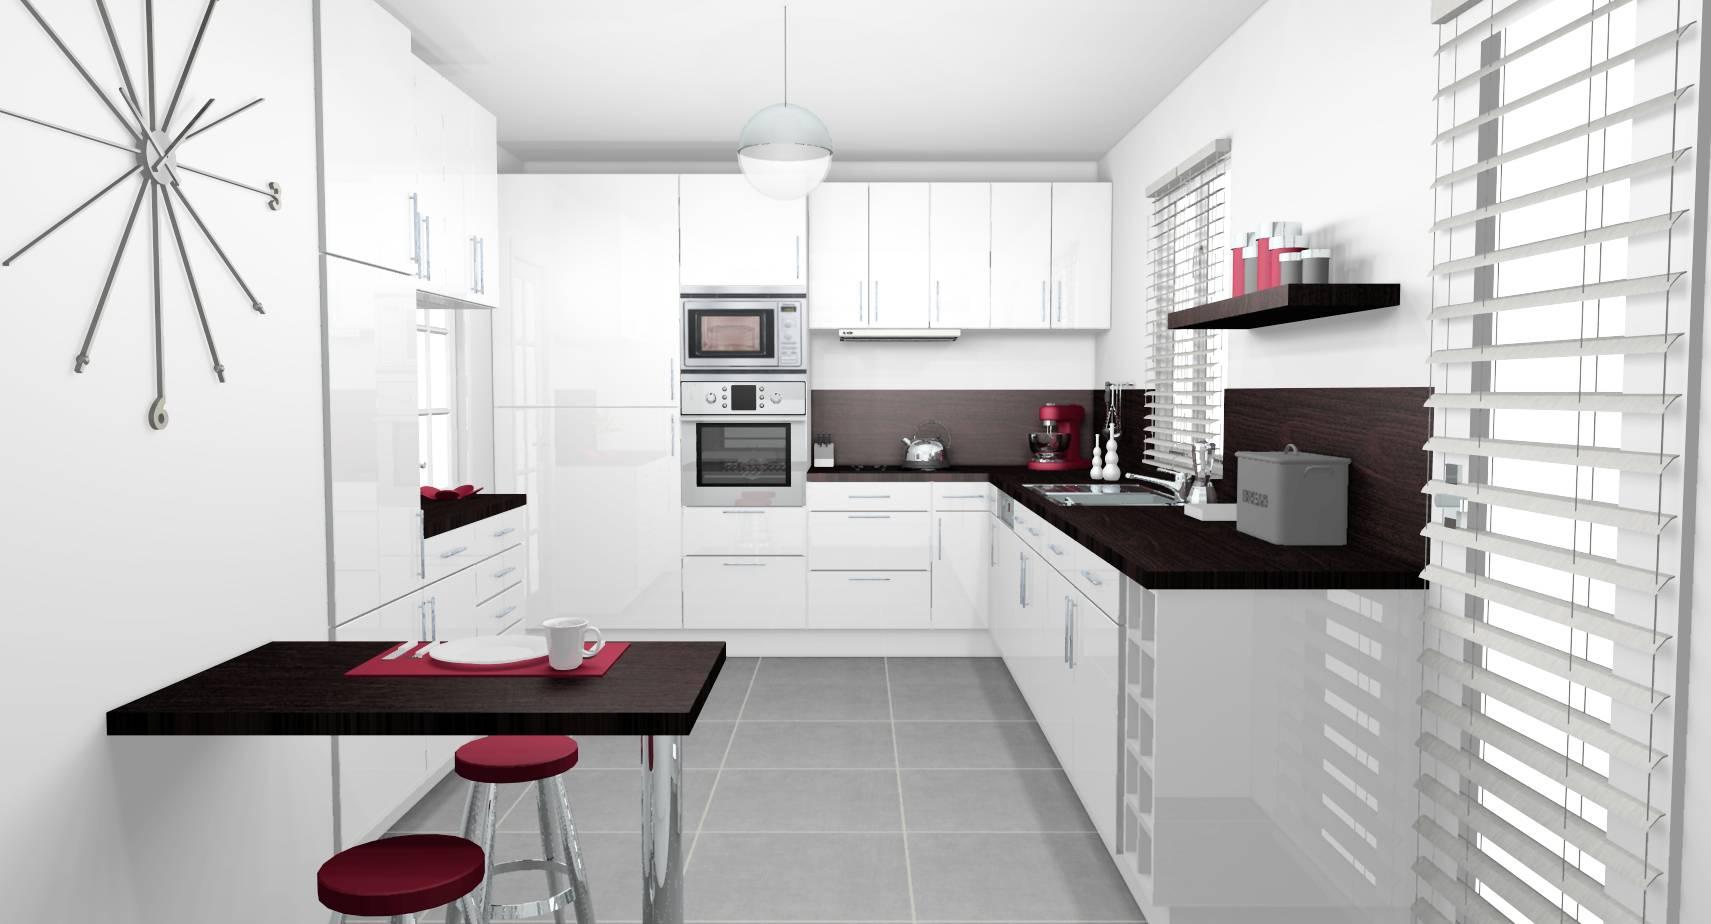 Cuisine laqu e blanche et weng archives designement v tre - Cuisine blanche laquee ...